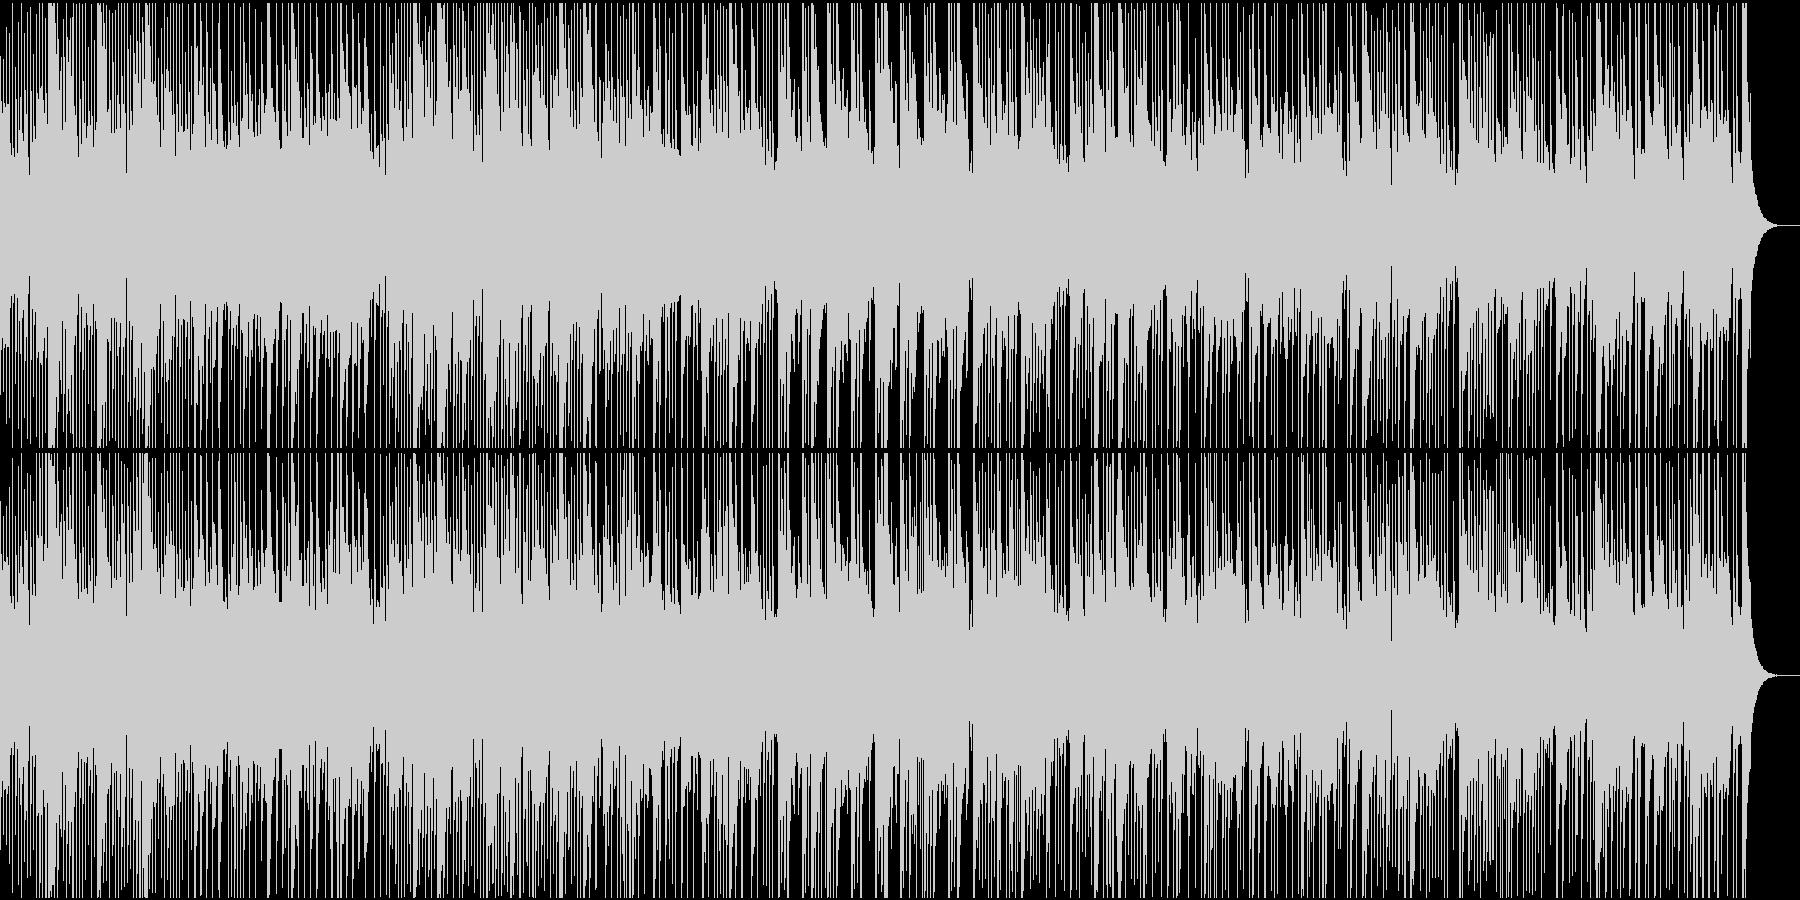 南国の番組にぴったりなカリンバの民族音楽の未再生の波形